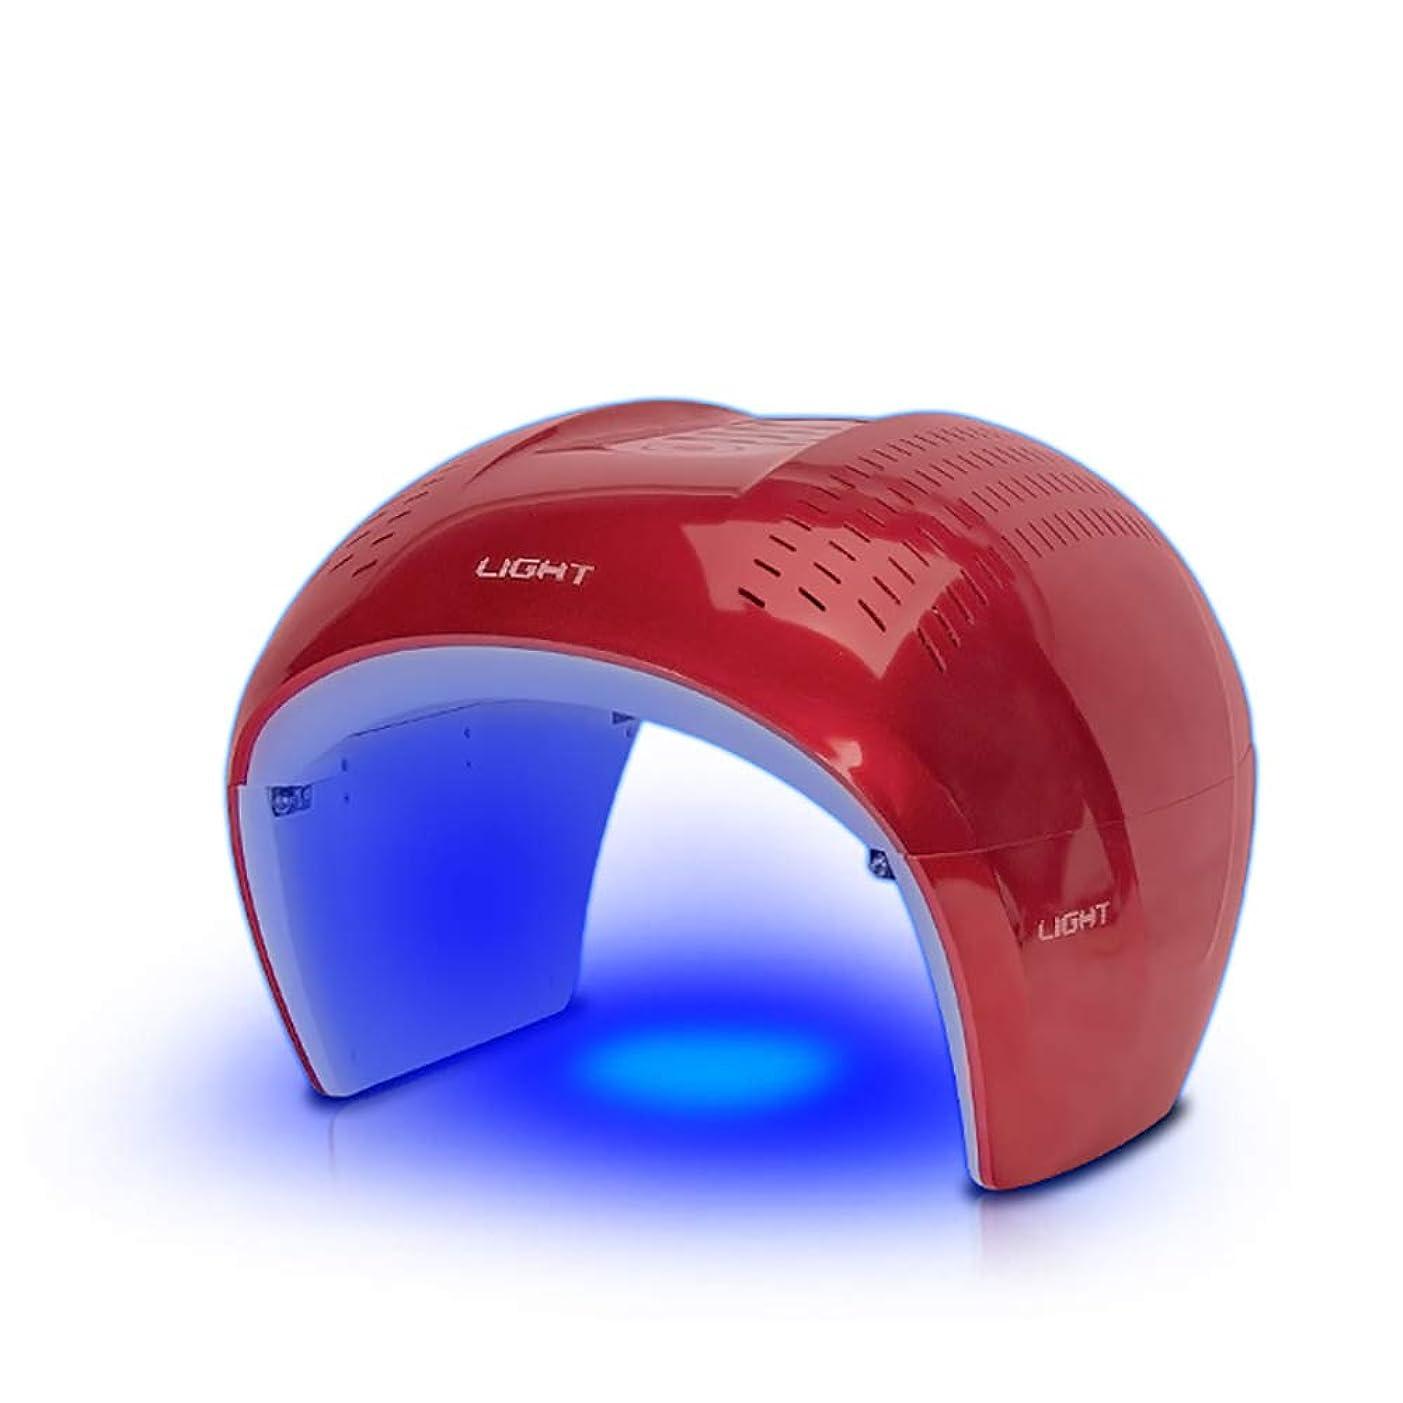 クリーク待ってファントム7色光療法機led、光光線力学肌の若返りランプ、サロンスパアンチエイジングスキンケアデバイス、フェイシャルマスクマッサージ機